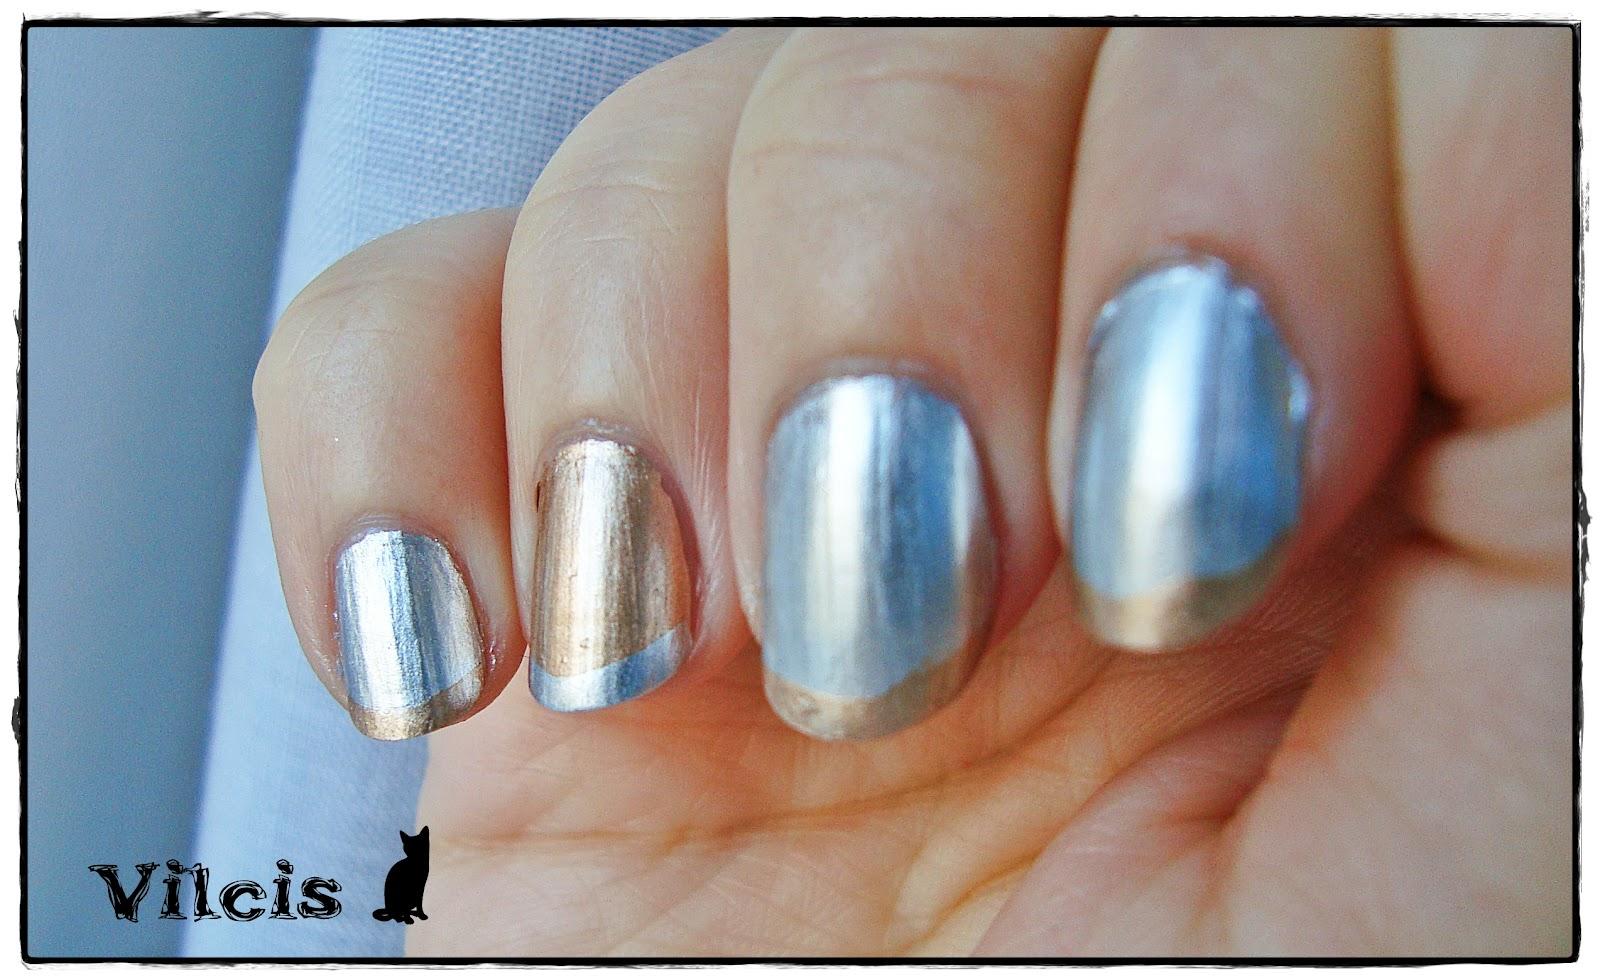 Vilcis nail designs: Desafío 31 días - Día 8 - Uñas metálicas